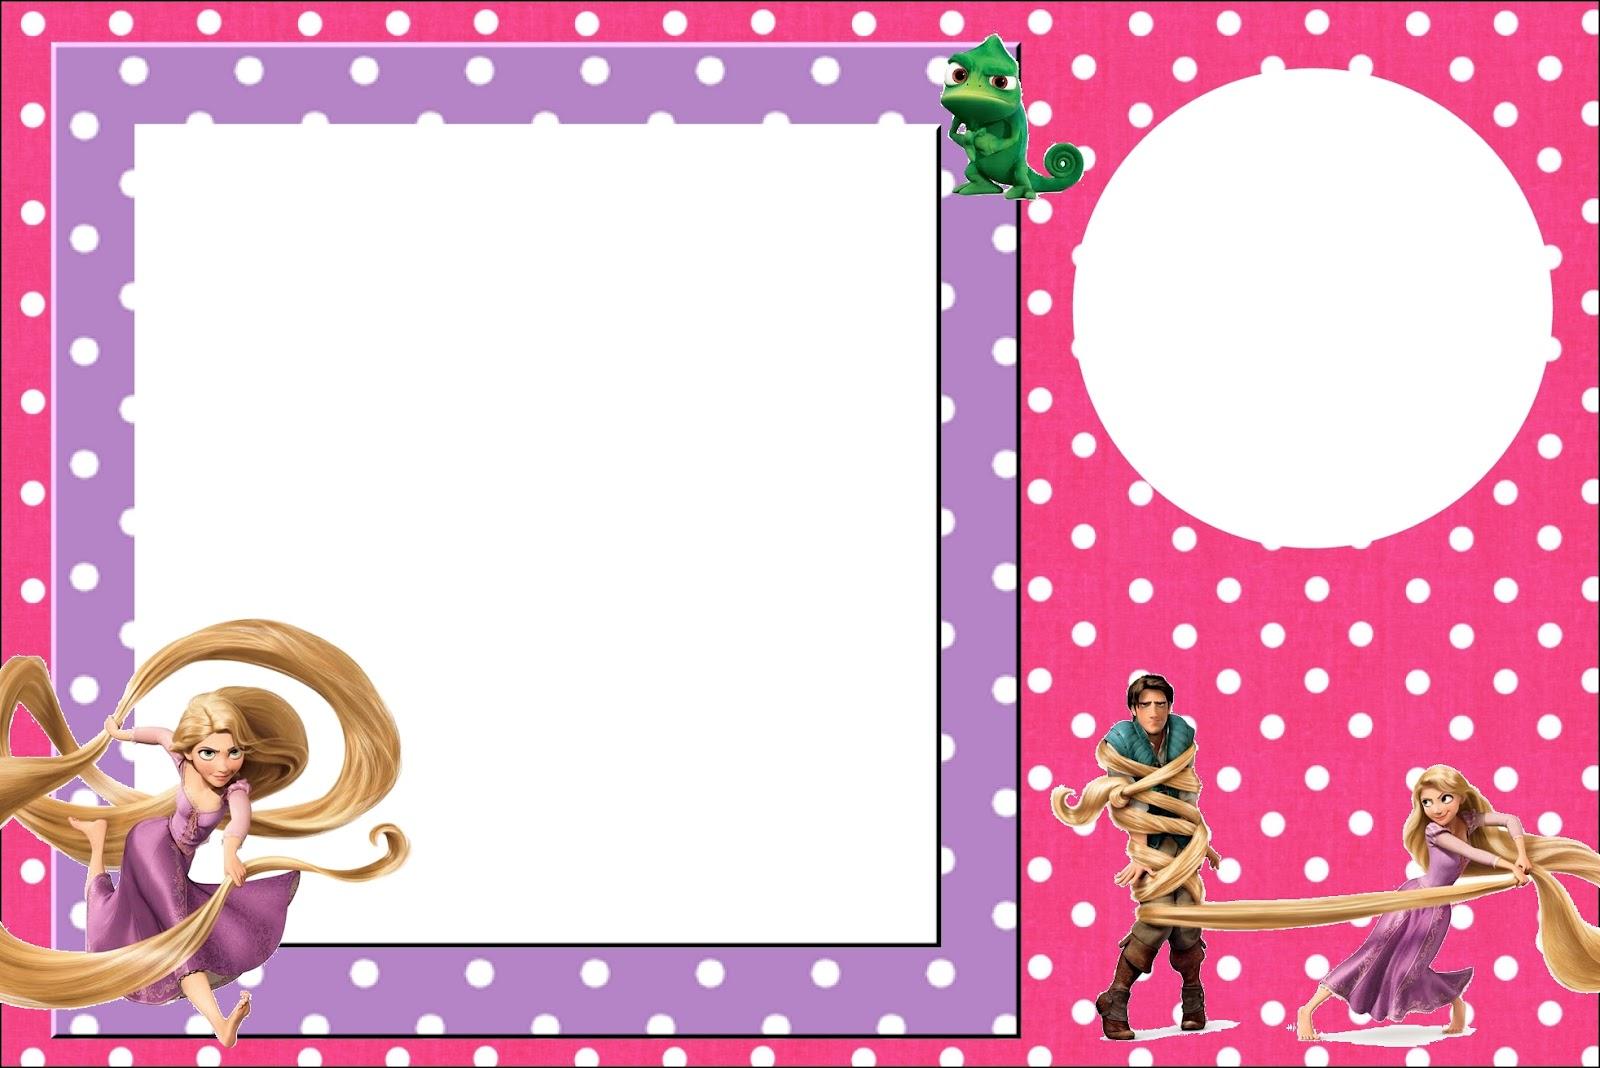 Invitaciones de Enredados (Rapunzel) para imprimir gratis